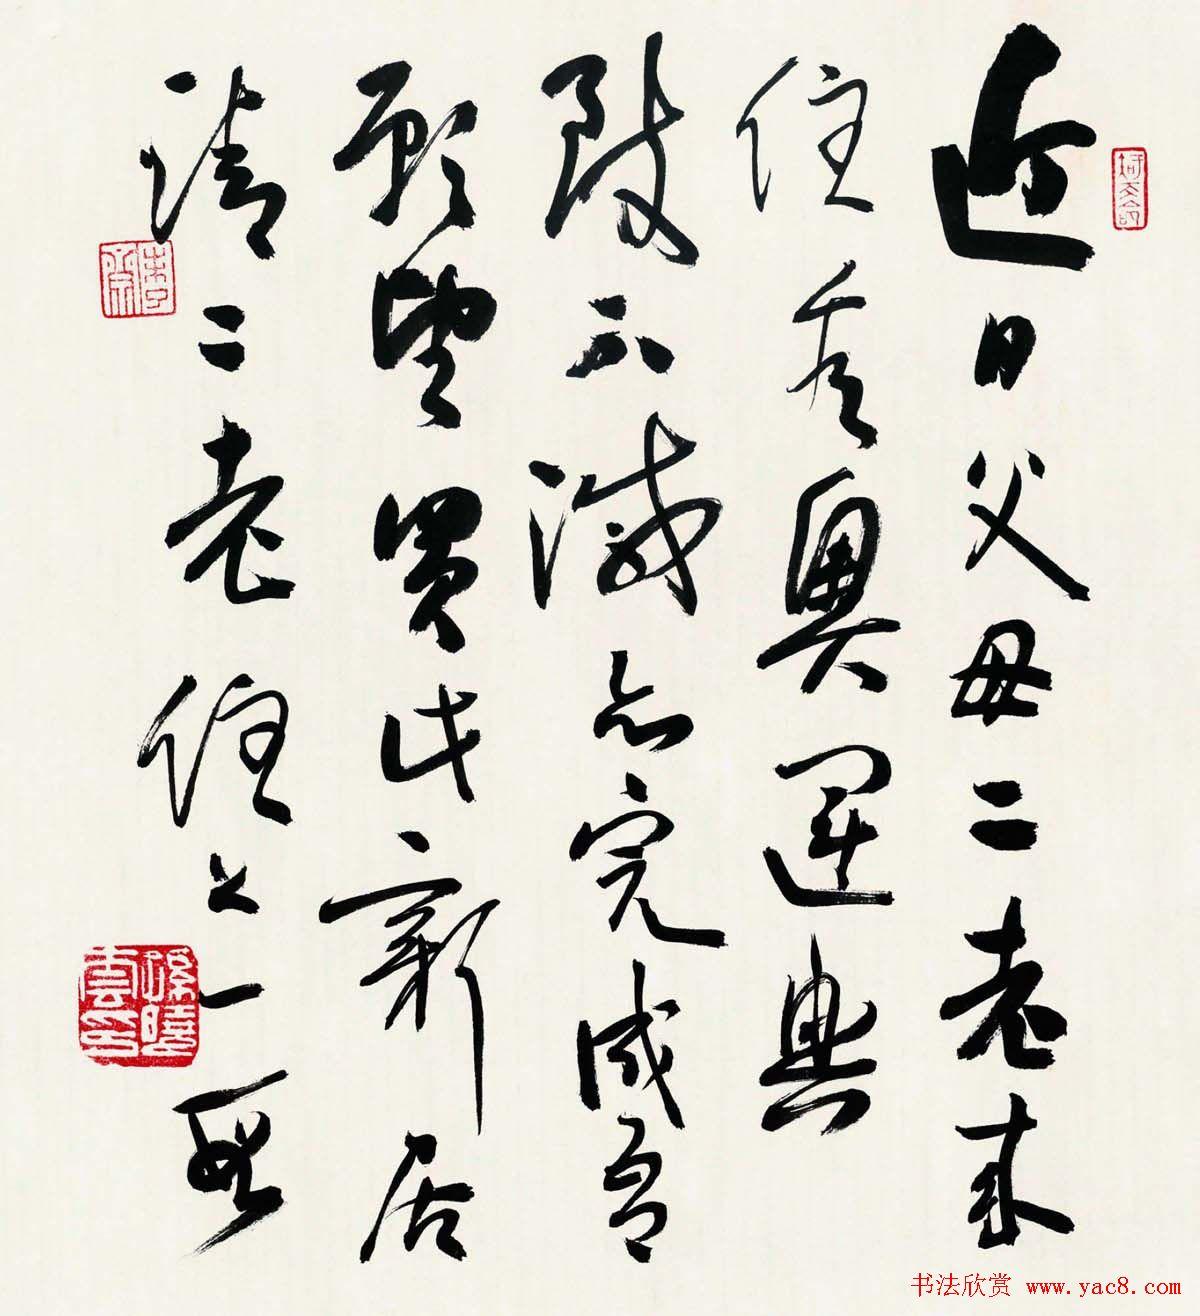 孙晓云书法作品展示专辑 第15页 毛笔书法 书法欣赏图片